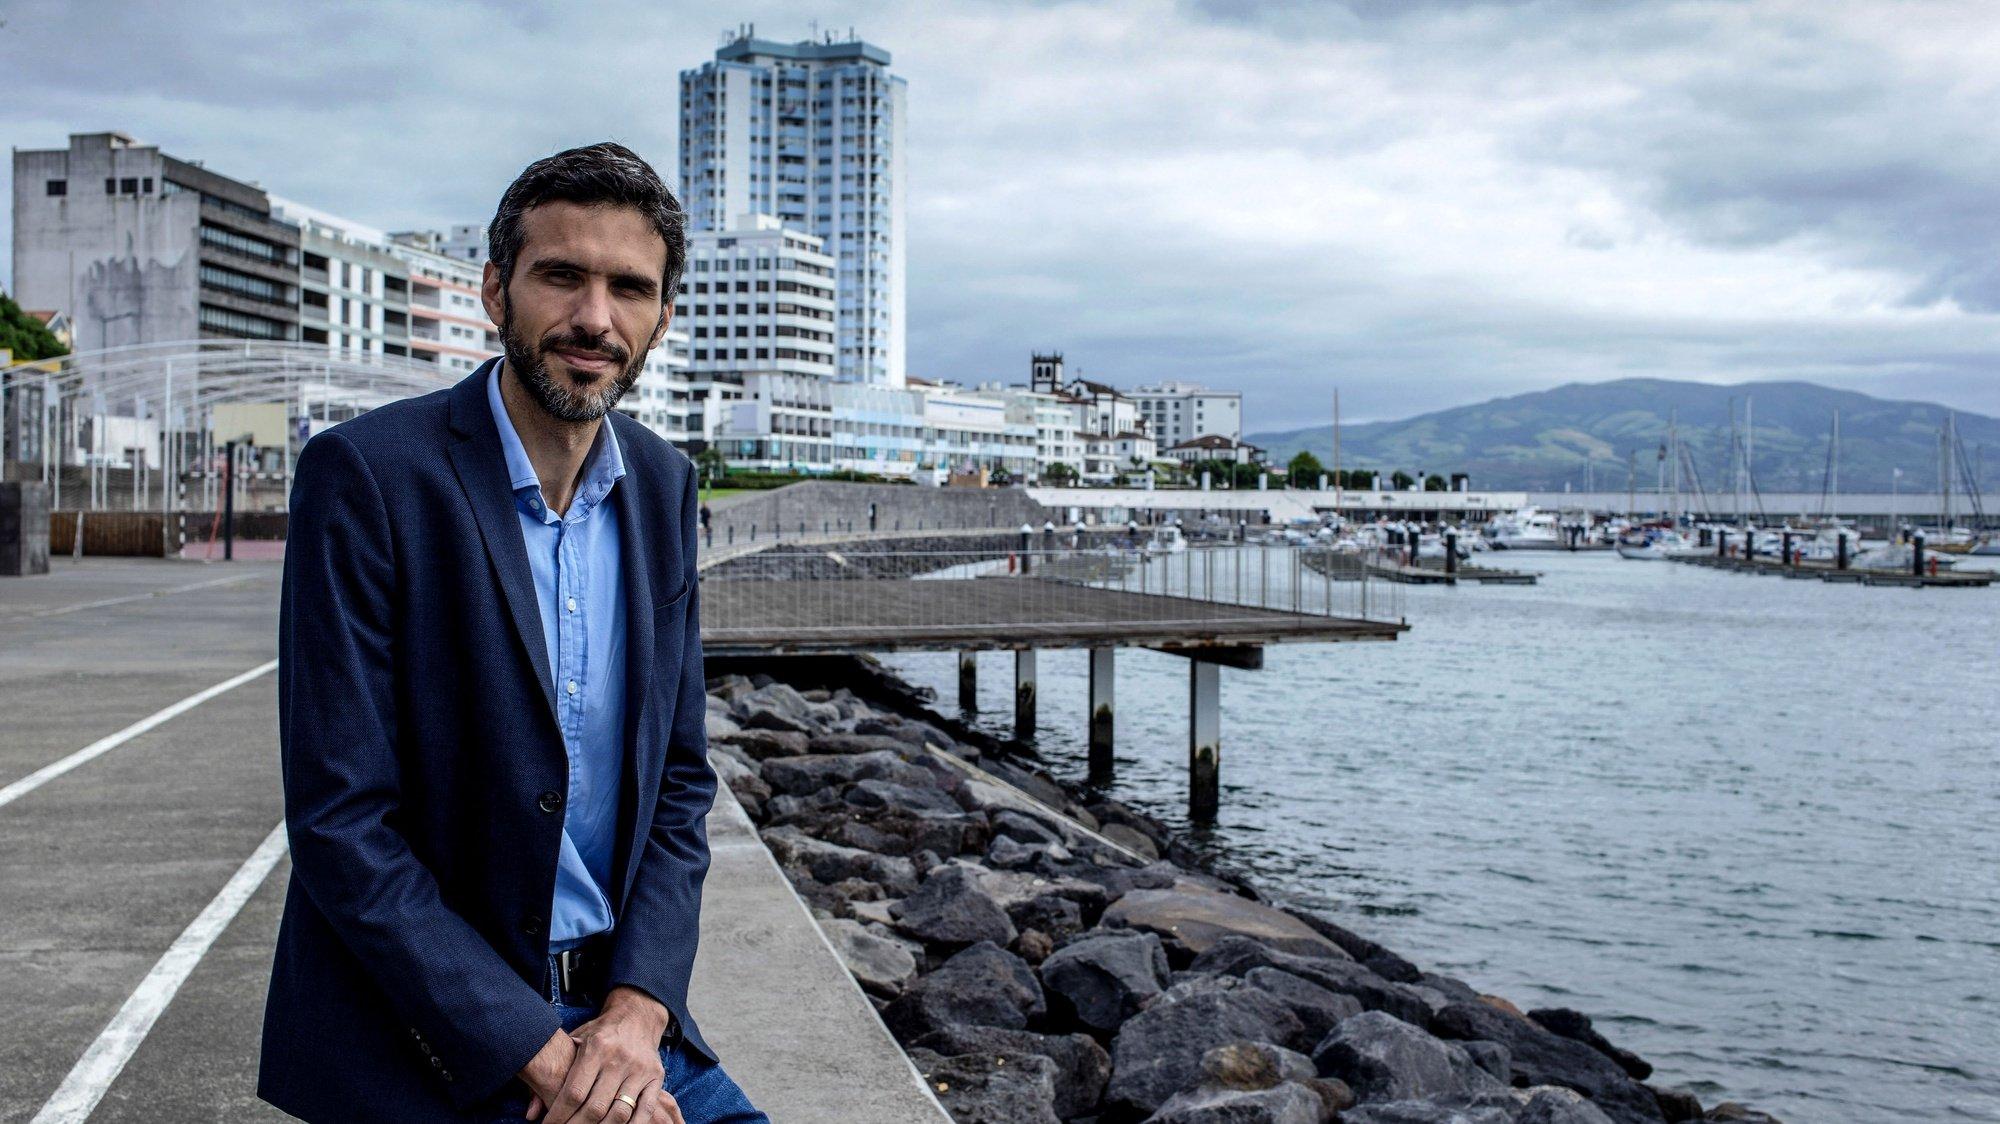 António Lima, coordenador do Bloco de Esquerda nos Açores, será o primeiro candidato do círculo eleitoral açoriano às eleições legislativas de outubro, onde defende uma administração pública despartidarizada na região, Ponta Delgada, Açores 24 setembro 2020. ( ACOMPANHA TEXTO DO DIA 06 DE OUTUBRO DE 2020)  EDUARDO COSTA /LUSA